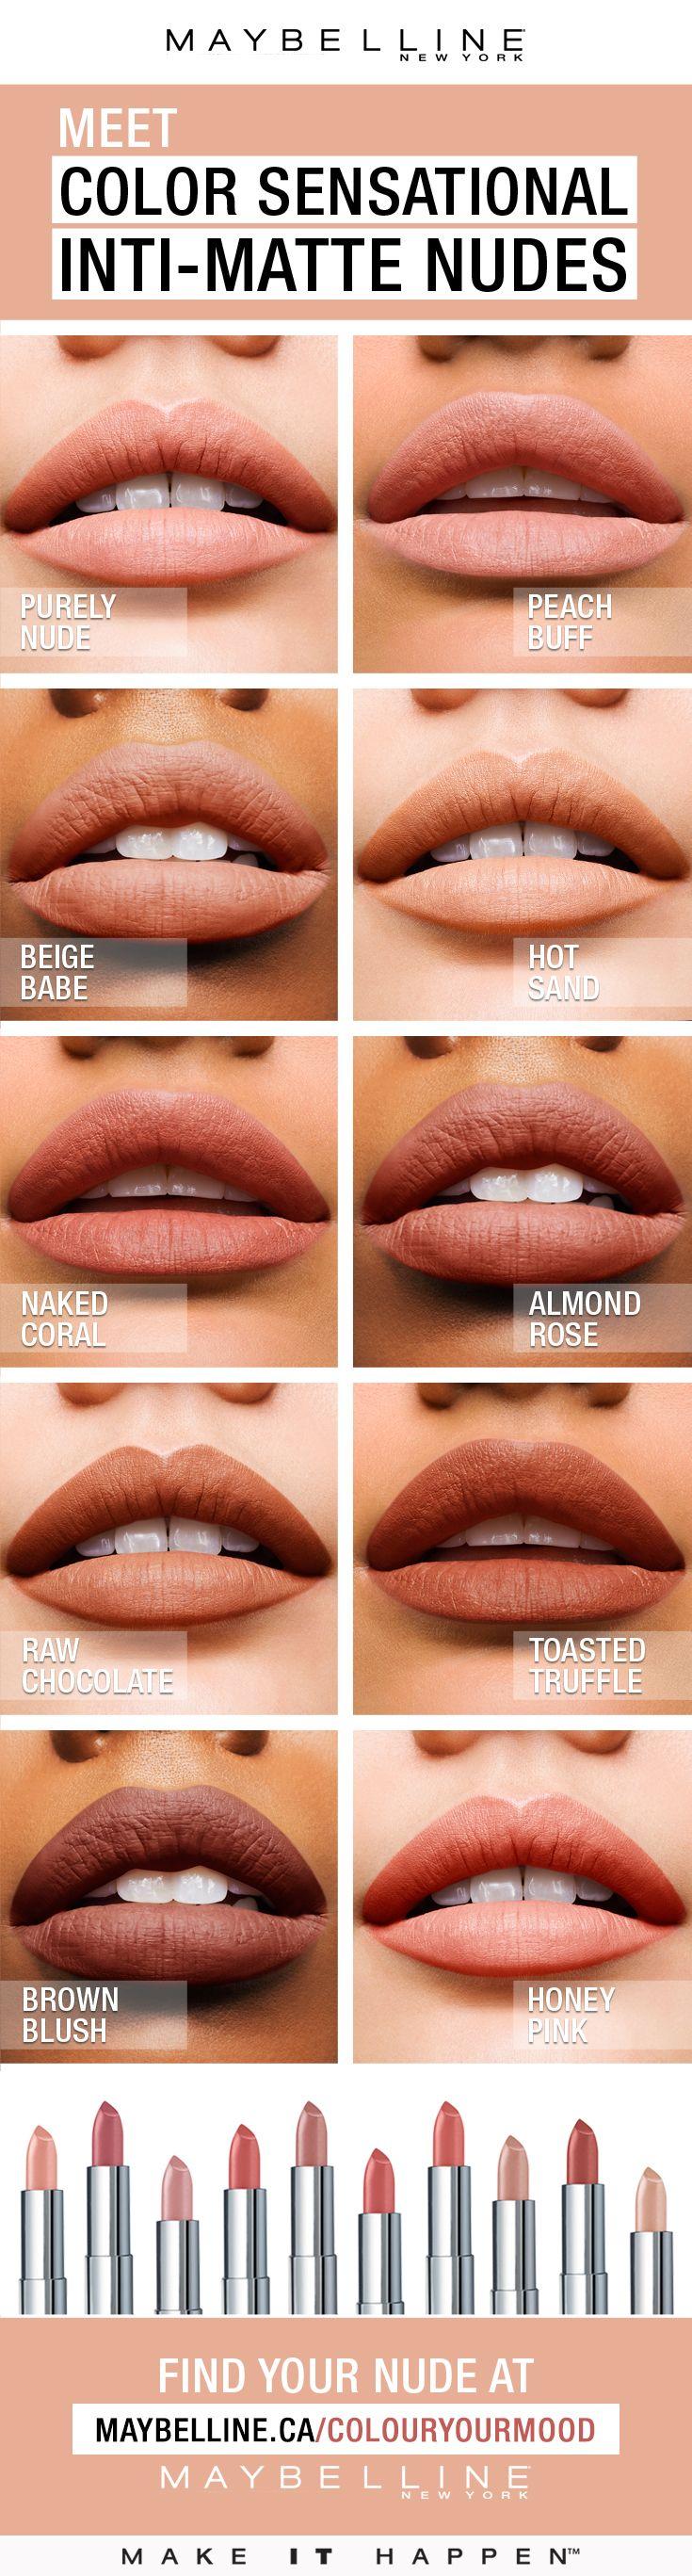 Color Sensational® Inti-Matte Nude lipstick features warm, golden pigments that...